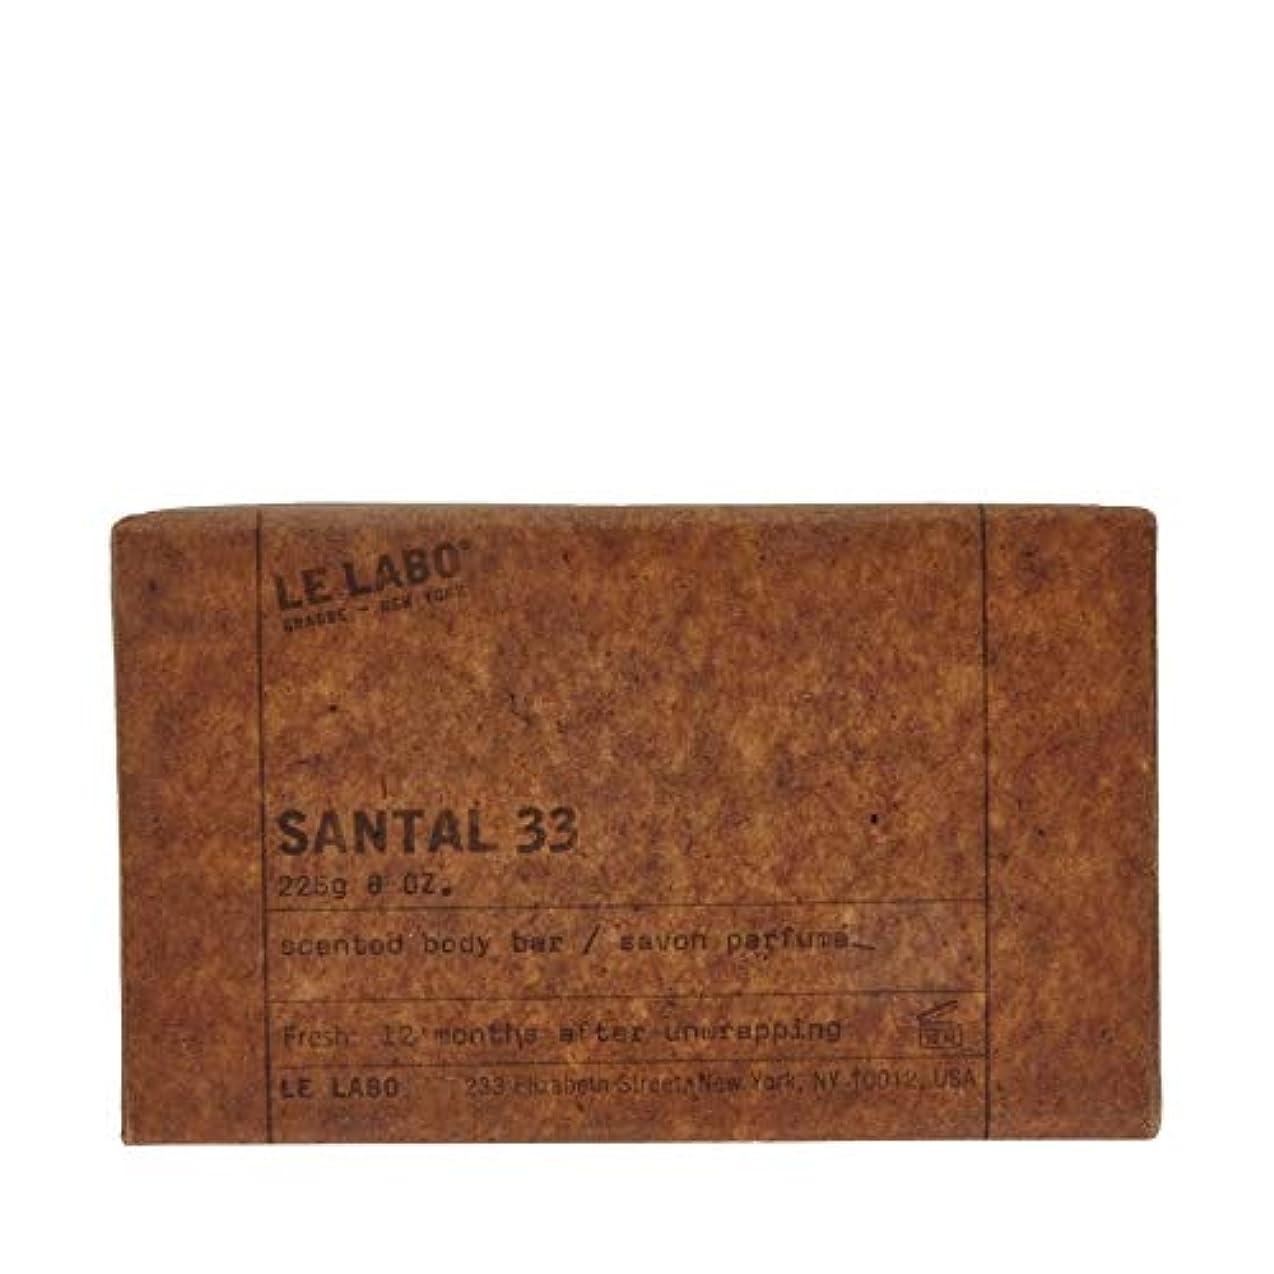 コンピューター触覚フェッチ[Le Labo ] ルラボサンタル33石鹸225グラム - Le Labo Santal 33 Soap 225g [並行輸入品]